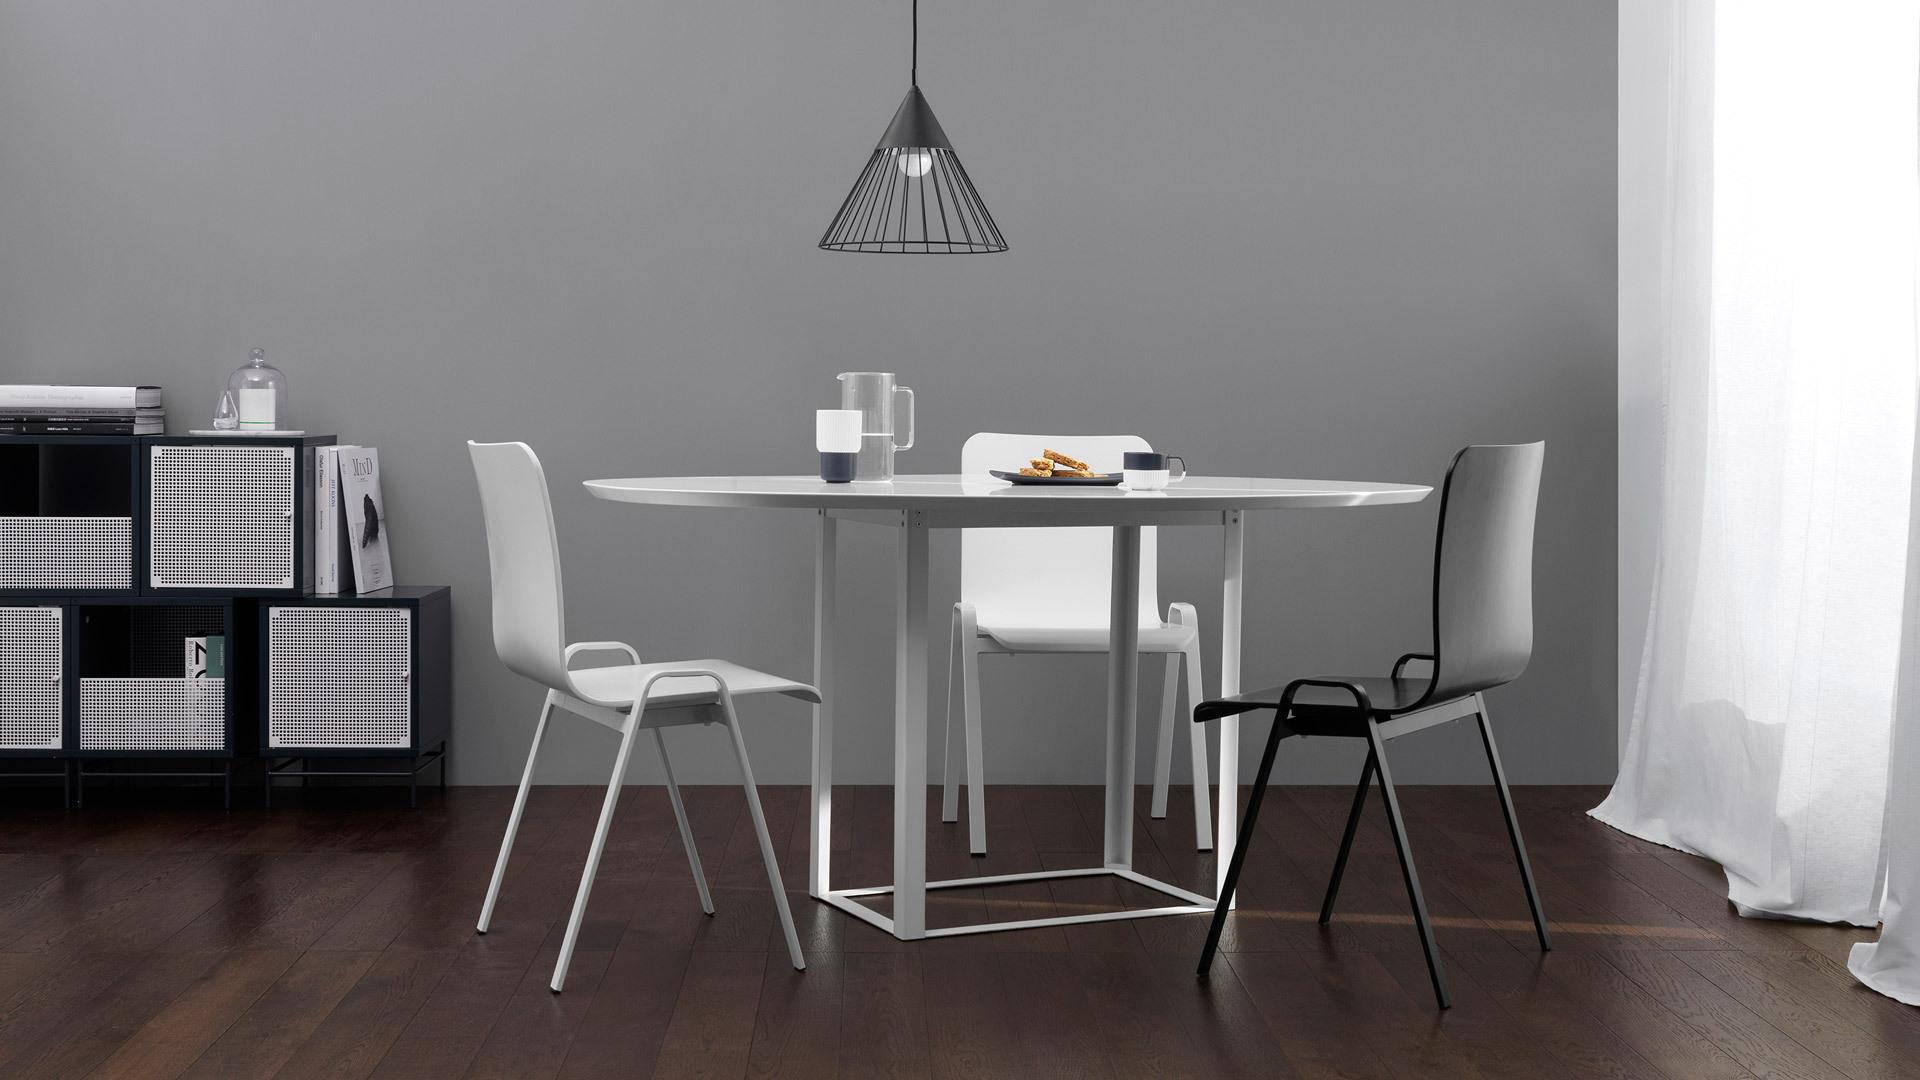 中性黑白空间简洁有力,借狐步小吊灯、随行桌与洛城椅的行云流线,理性中添一分柔美,不加修饰已自成一派。